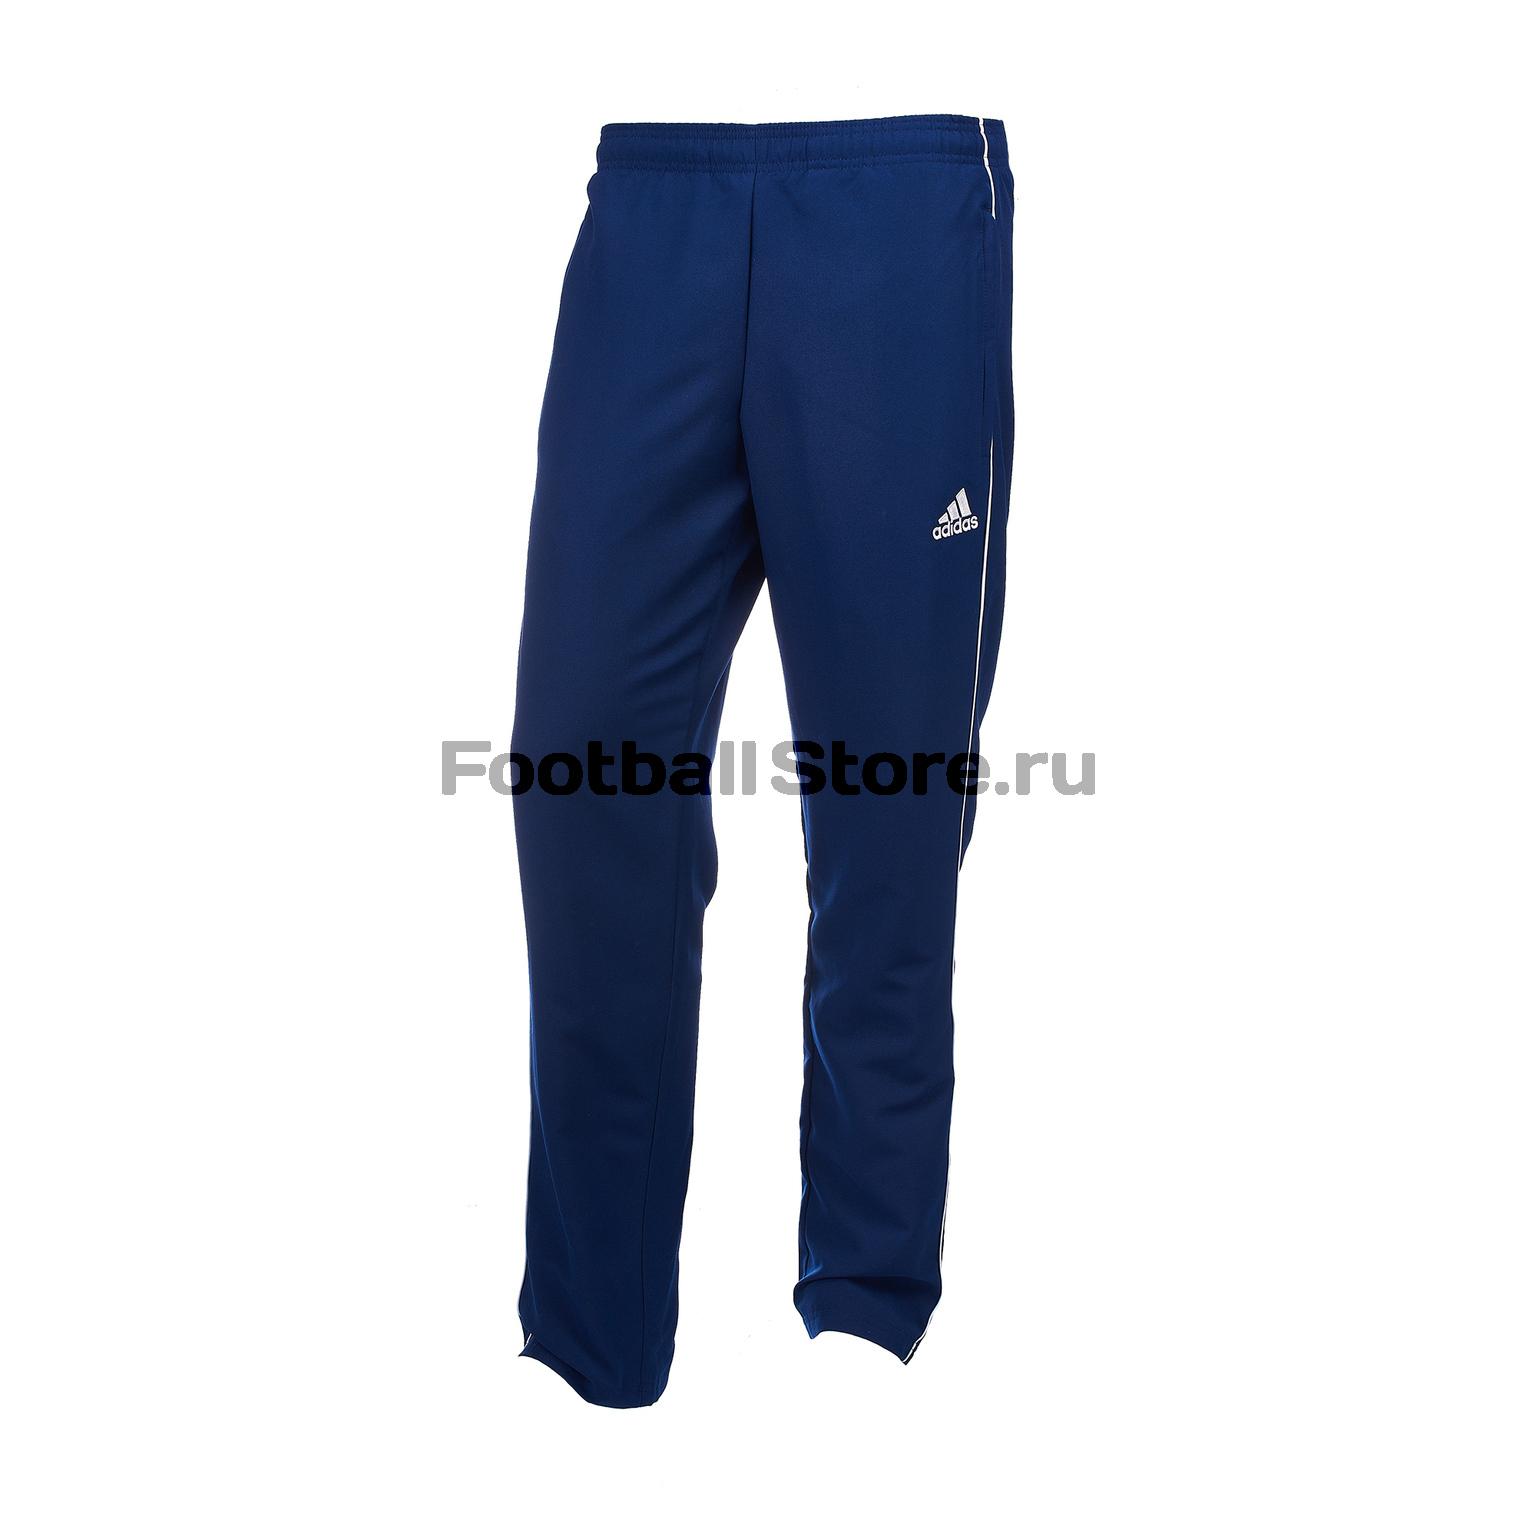 Брюки тренировочные Adidas Core18 Pre Pnt CV3690 брюки adidas брюки тренировочные adidas tiro17 3 4 pnt ay2879 page 6